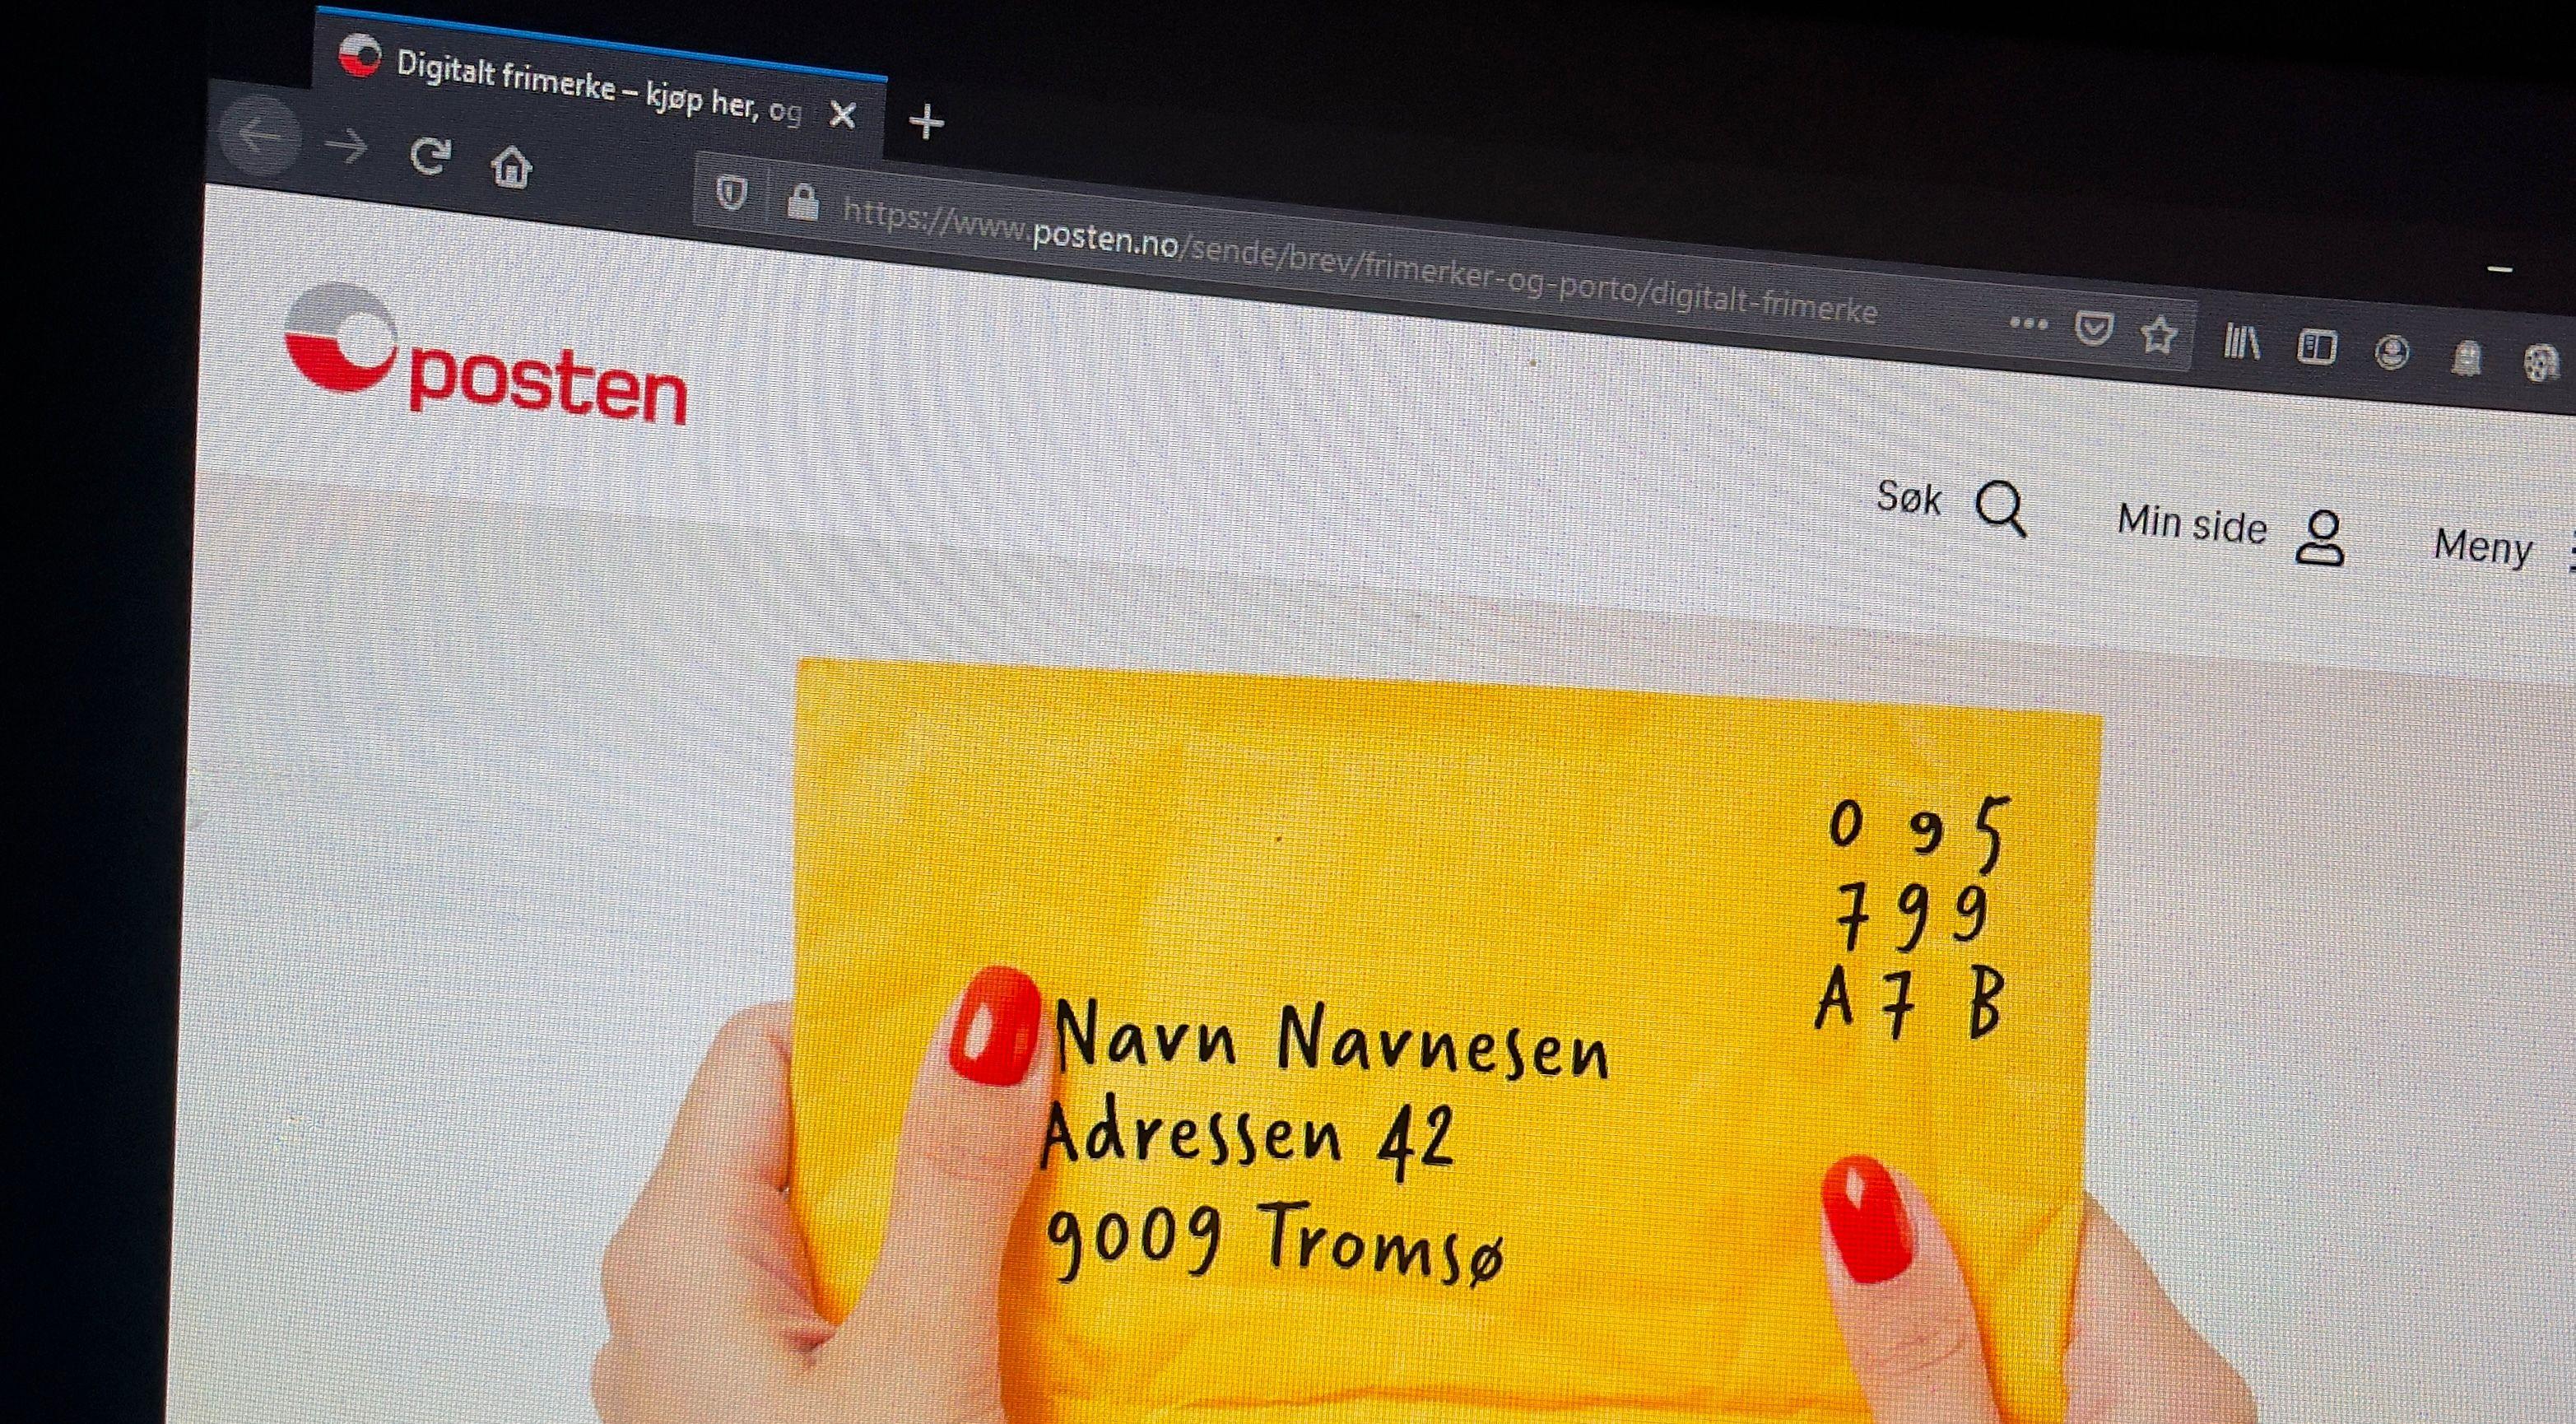 Du kan frankere konvolutter og pakker digitalt og få dem hentet hjemme. Det kan være veldig praktisk om jobben din medfører litt logistikk.